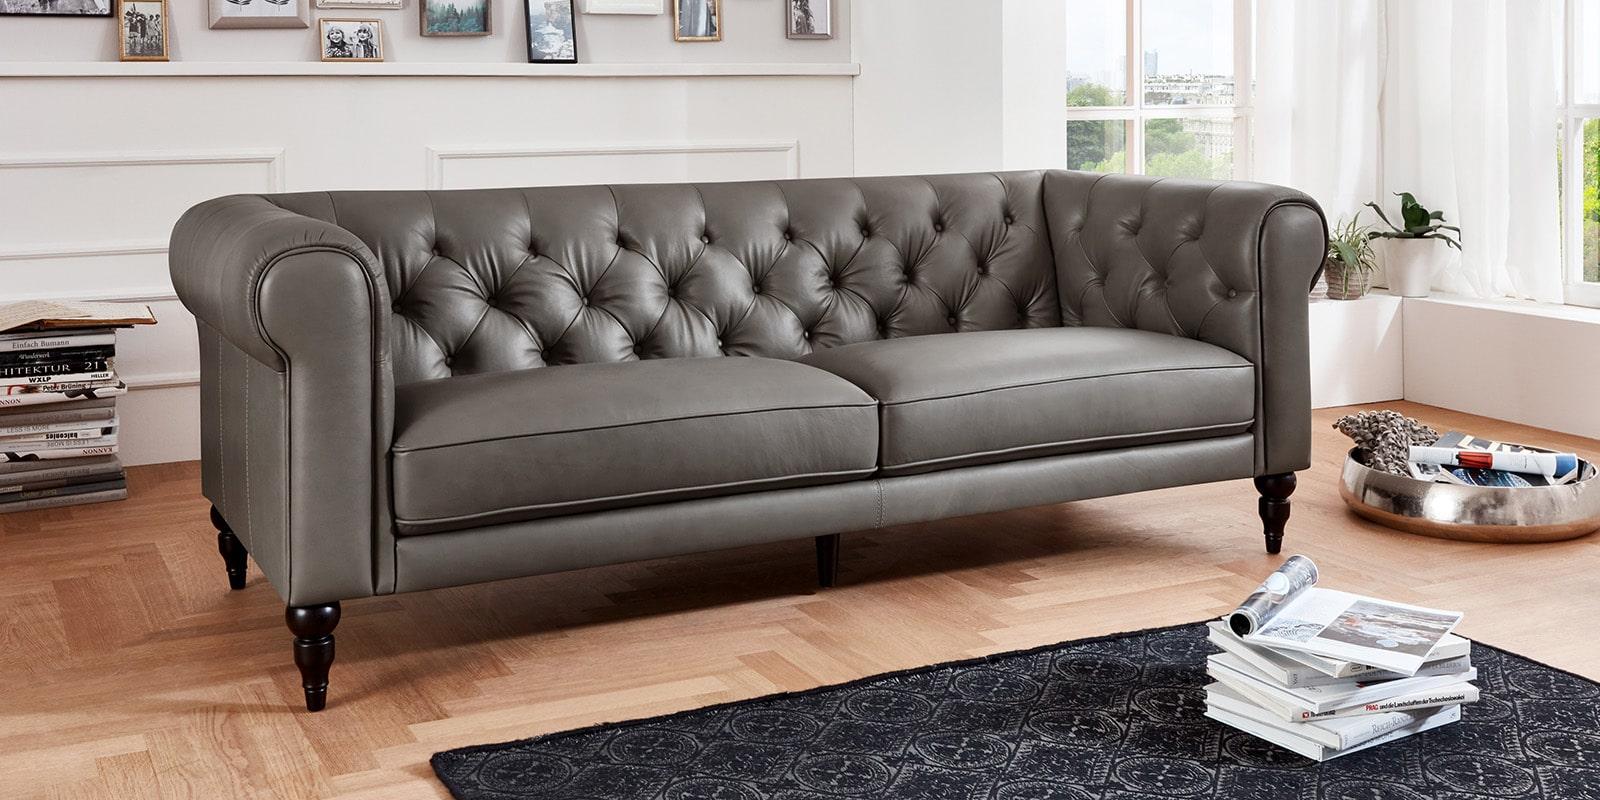 Moebella24 - 3-Sitzer - Sofa - Hudson - Chesterfield - Leder - Grau - Dekorative - Nähte - und - Versteppungen